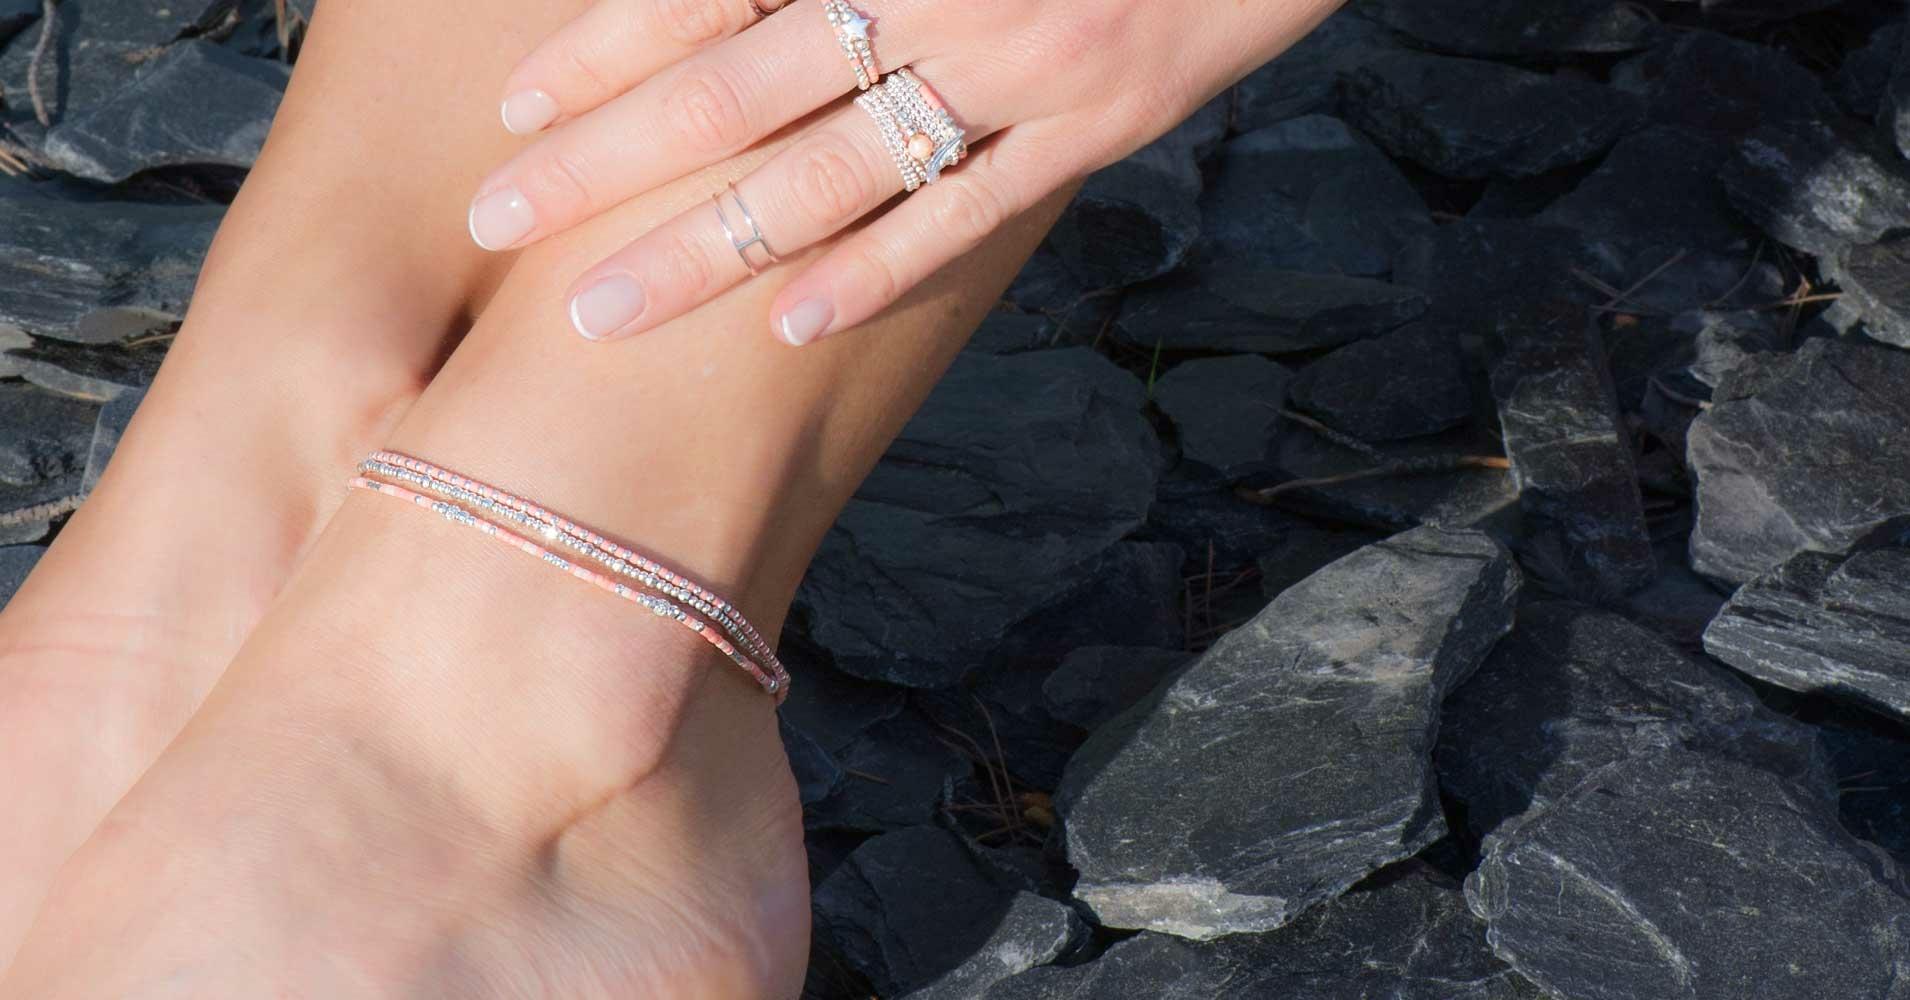 Frais BRACELETS - Bracelets de chevilles - DORIANE Bijoux FW94